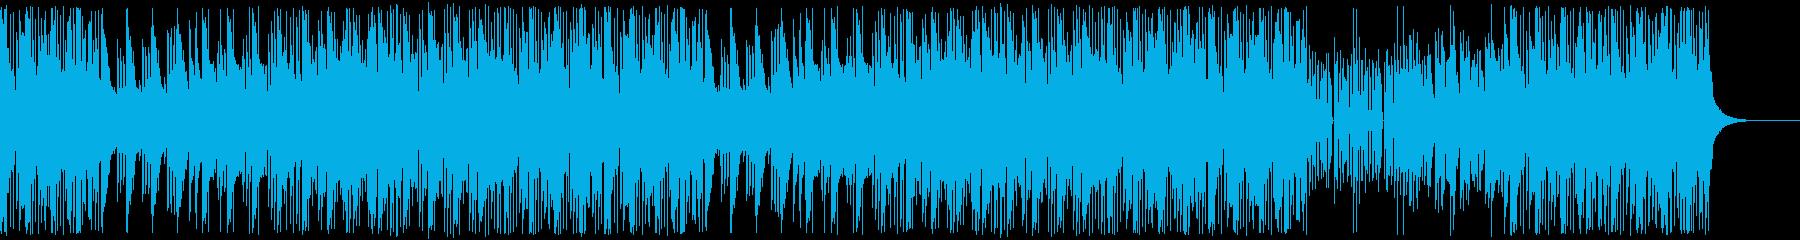 ピアノ/ダーク/Hip-Hop/Beatの再生済みの波形